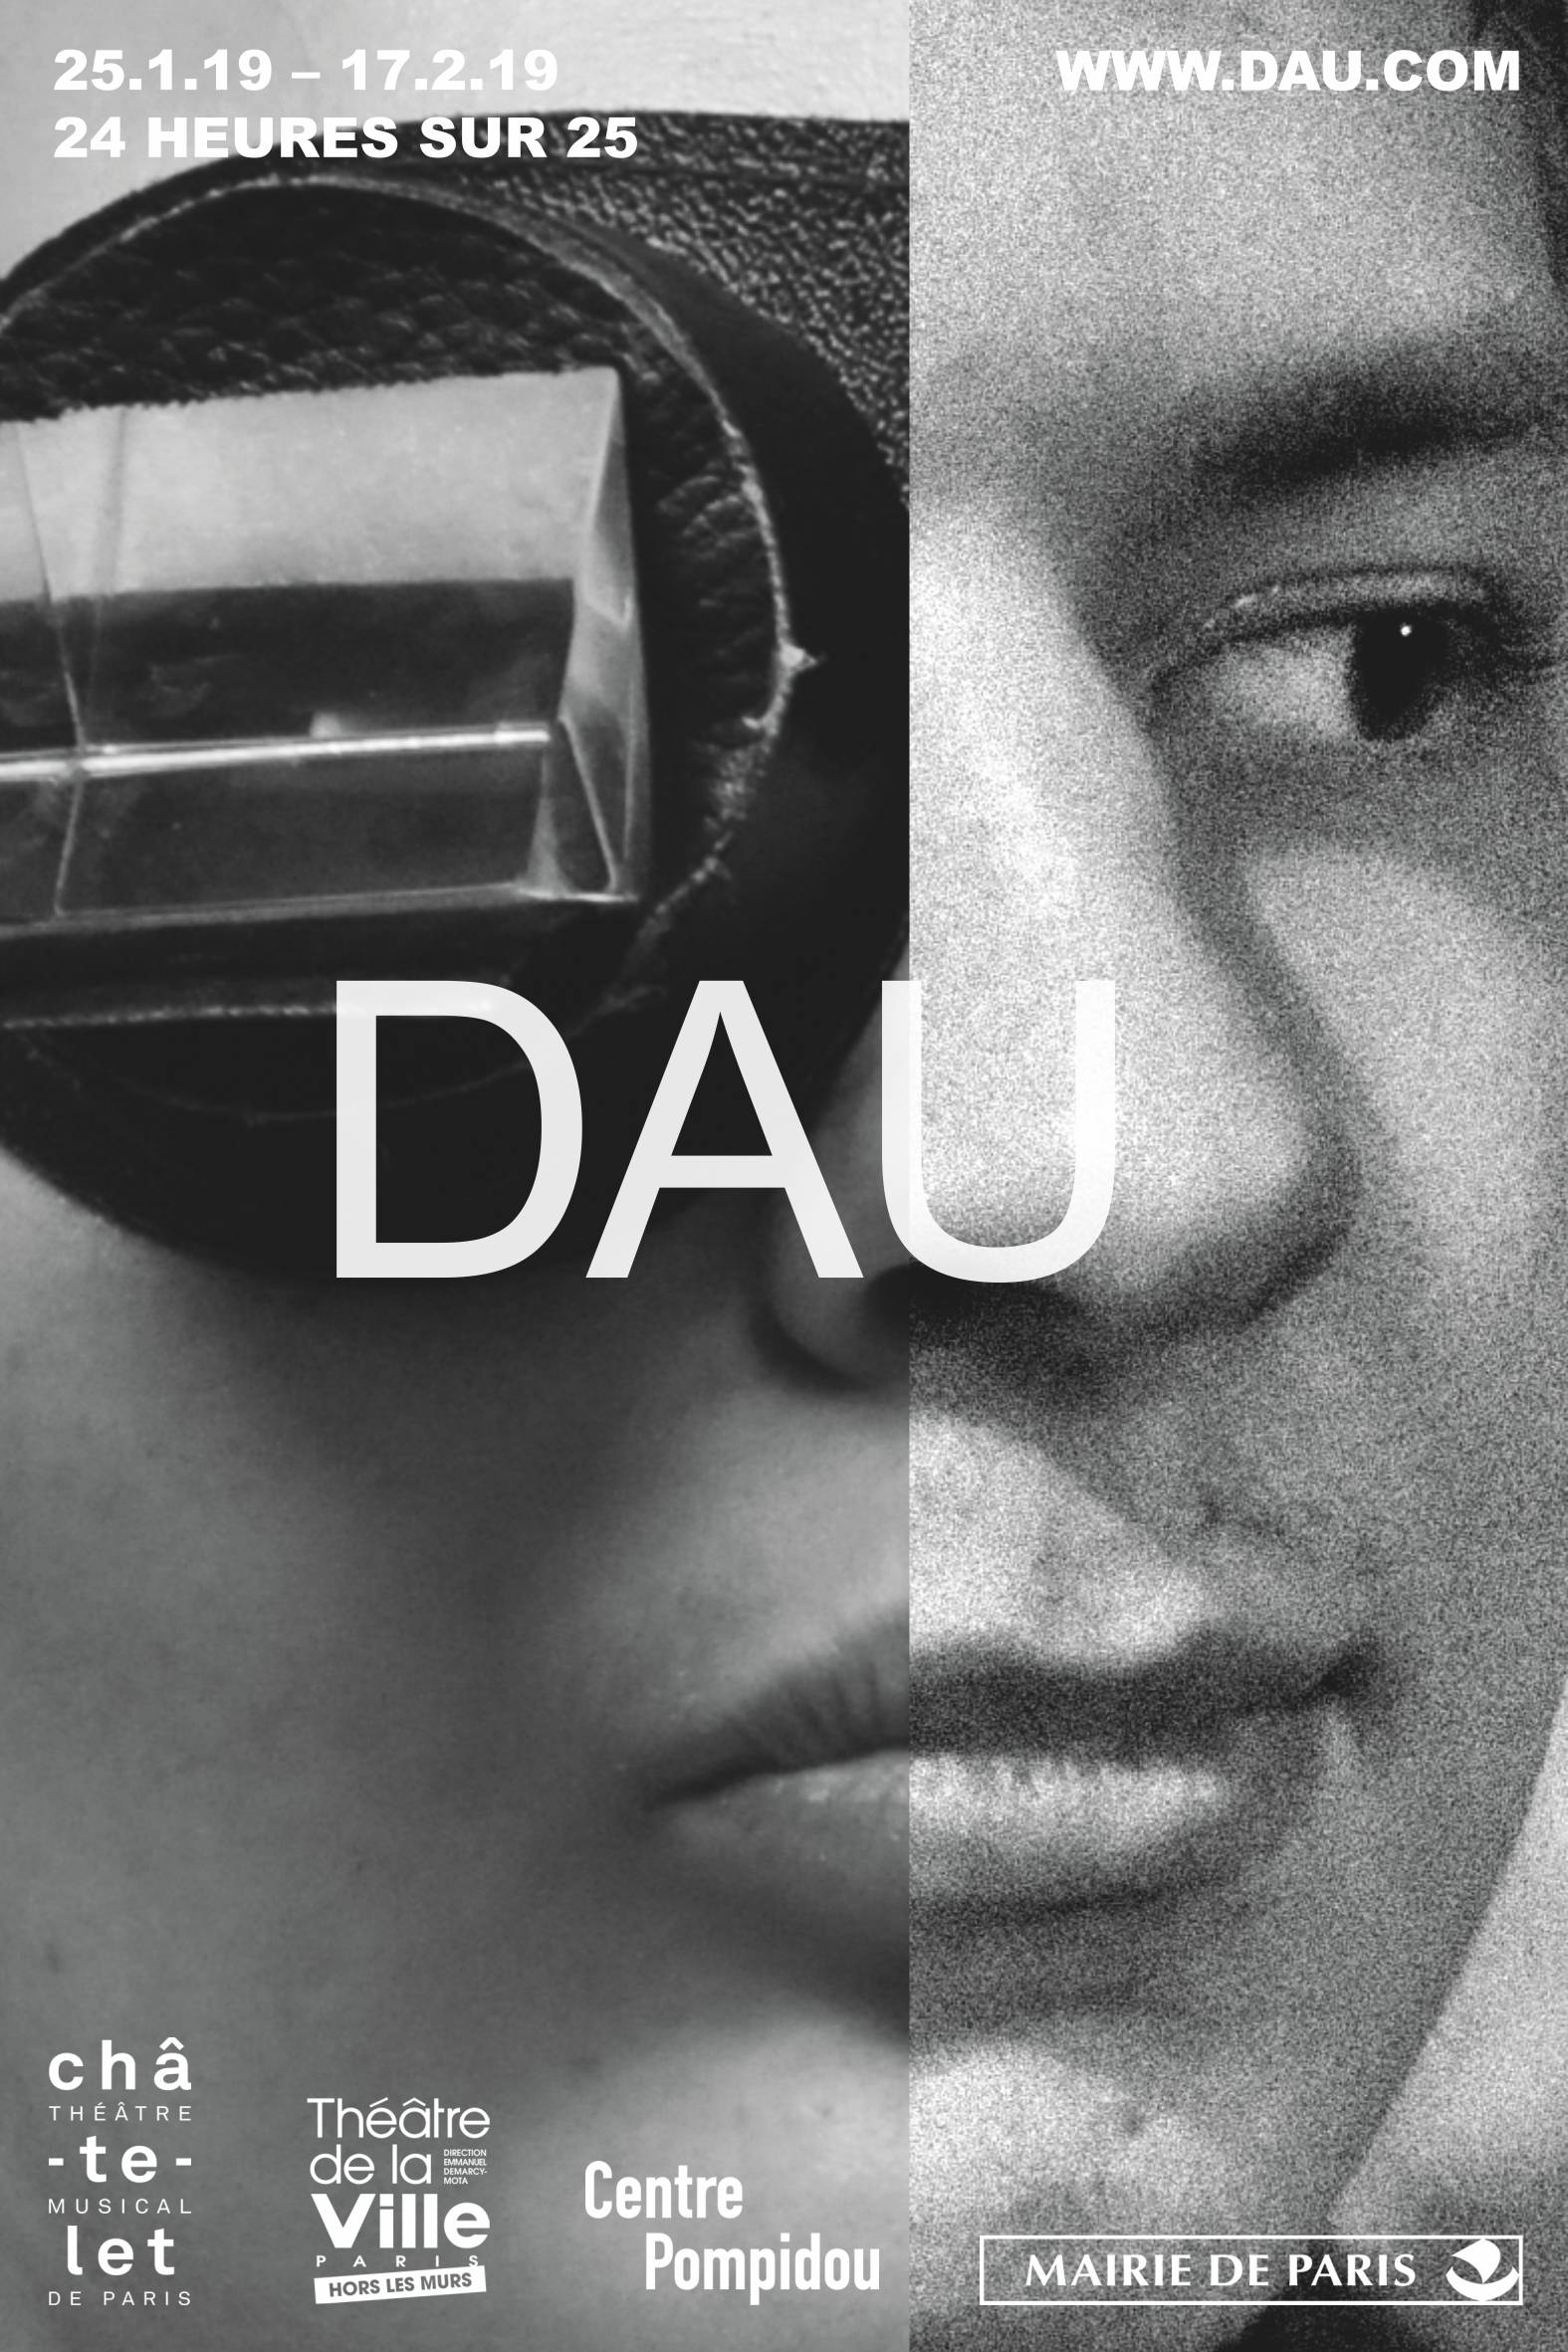 dau-a2+2